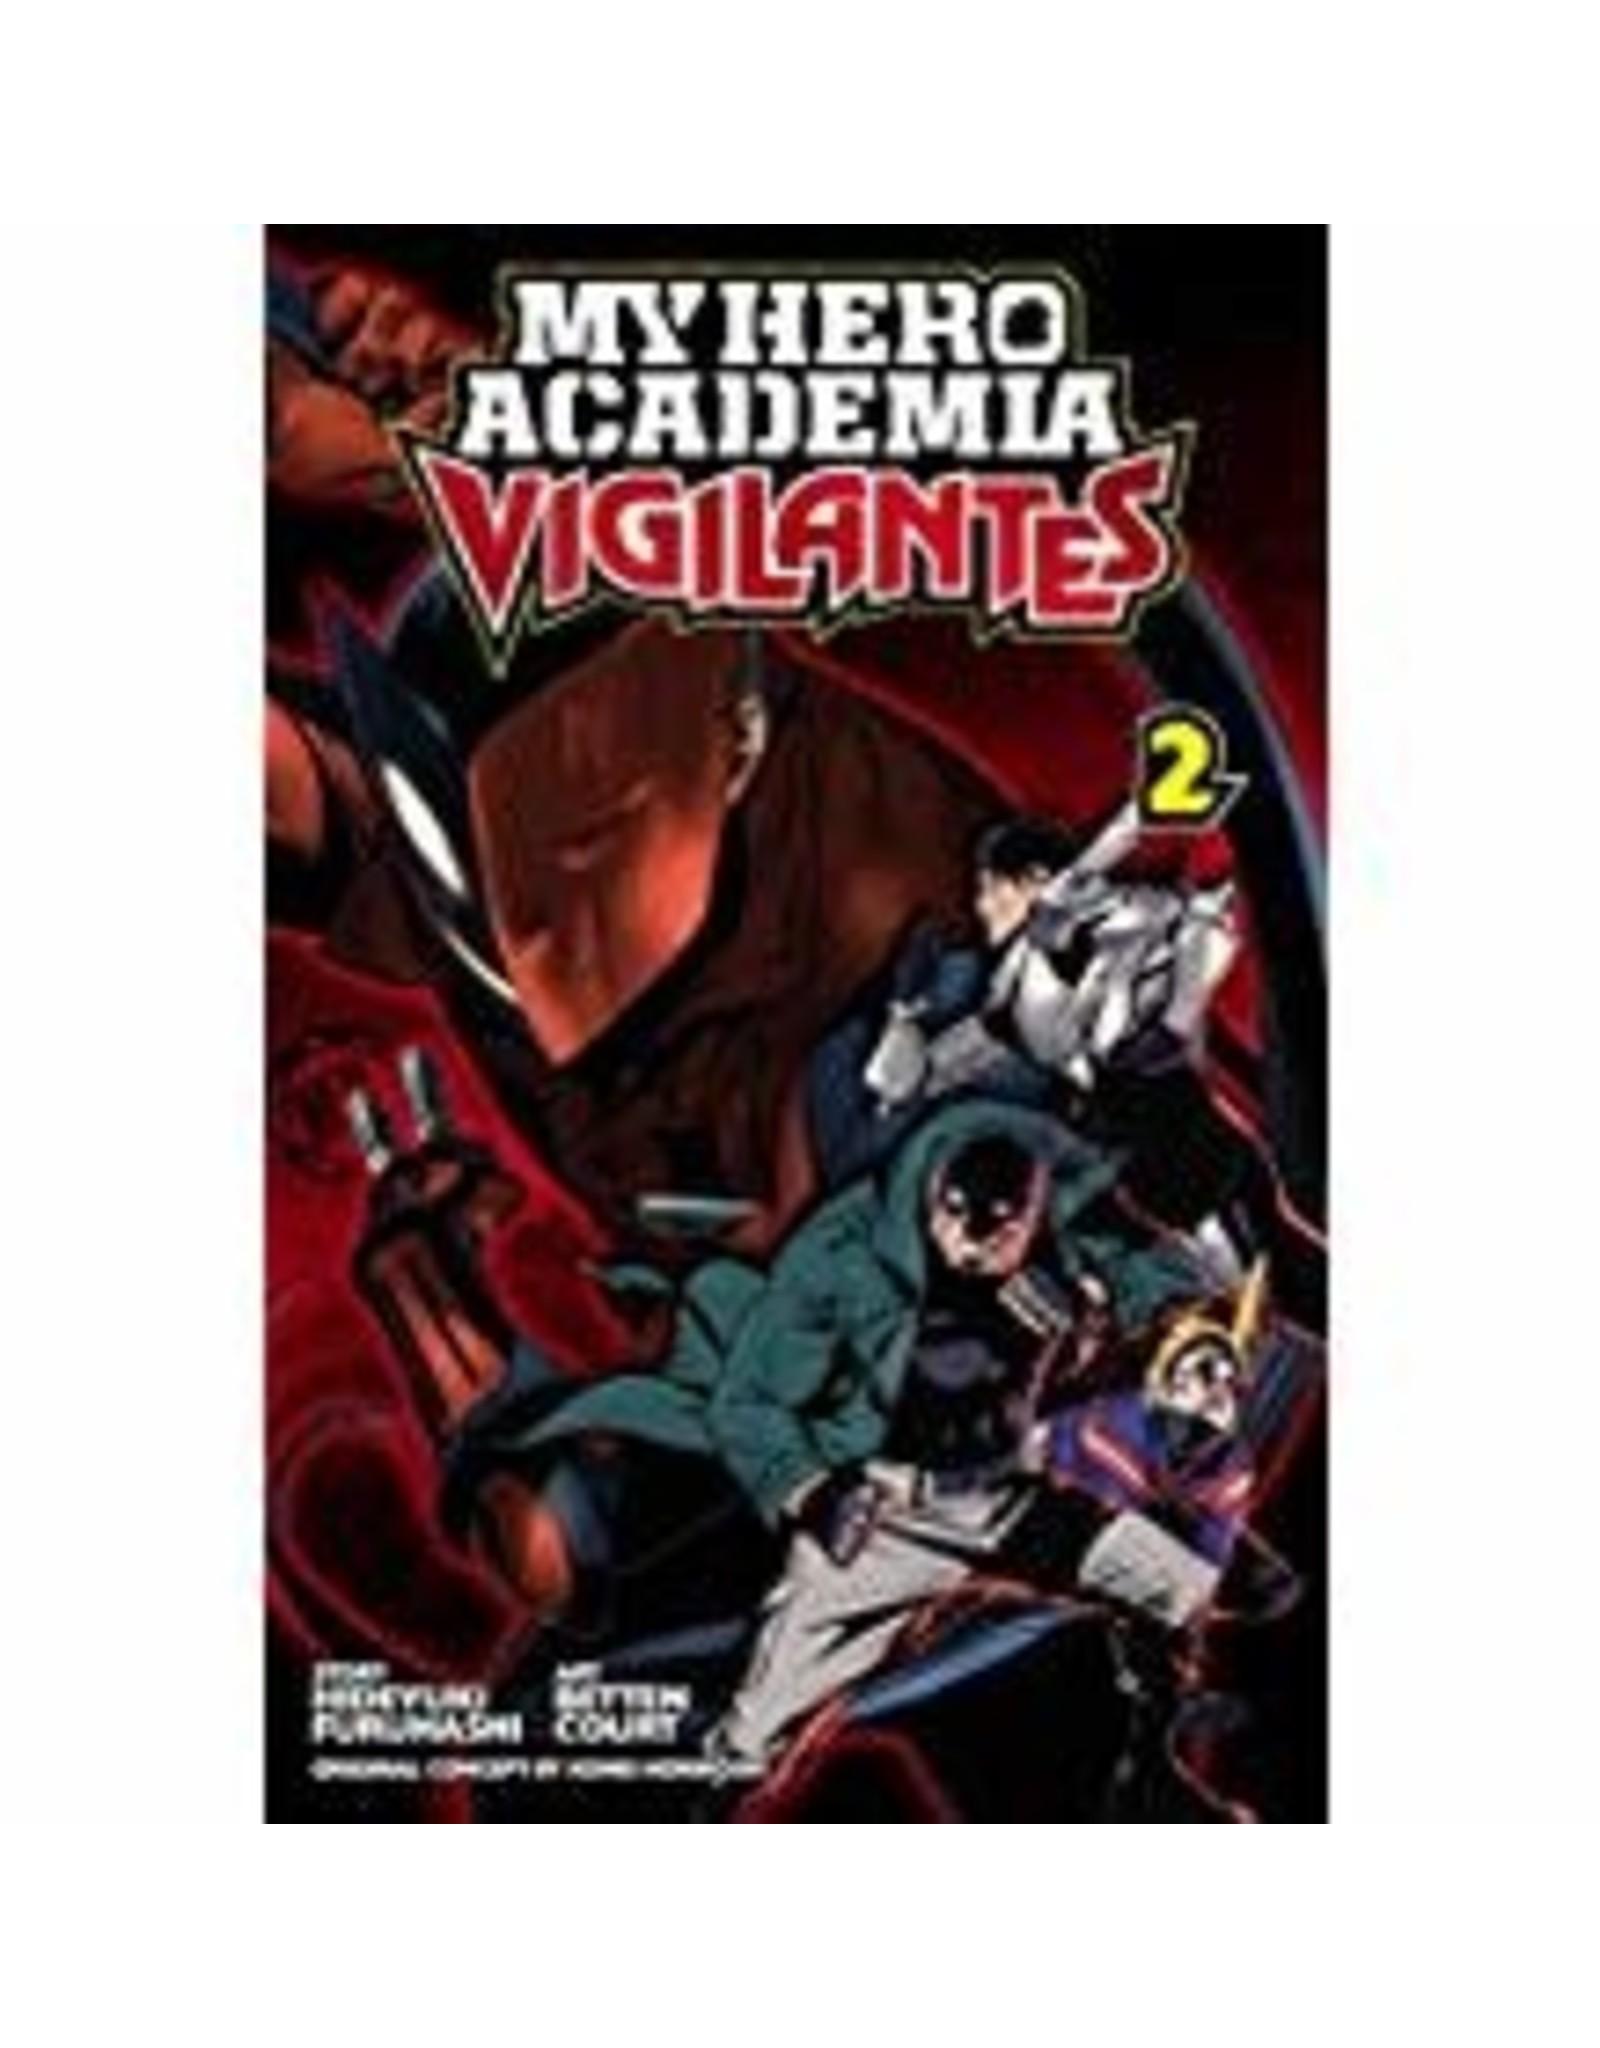 My Hero Academia: Vigilantes 2 (Engelstalig)